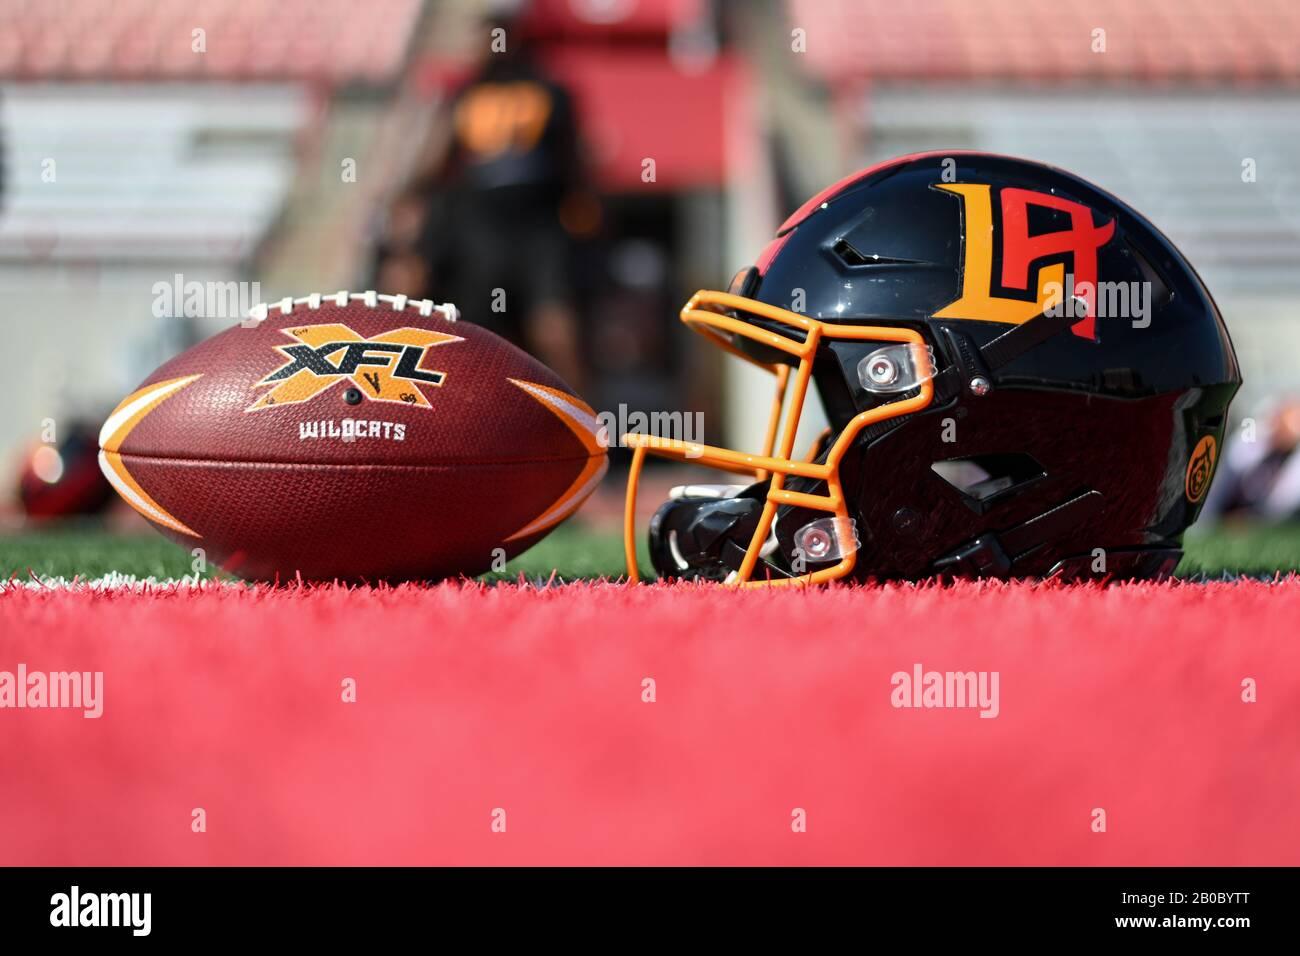 Vista detallada del casco LA Wildcats y un balón oficial XFL durante la práctica, miércoles 19 de febrero de 2020, en Long Beach, California (Foto de IOS/Espa-Images) Foto de stock